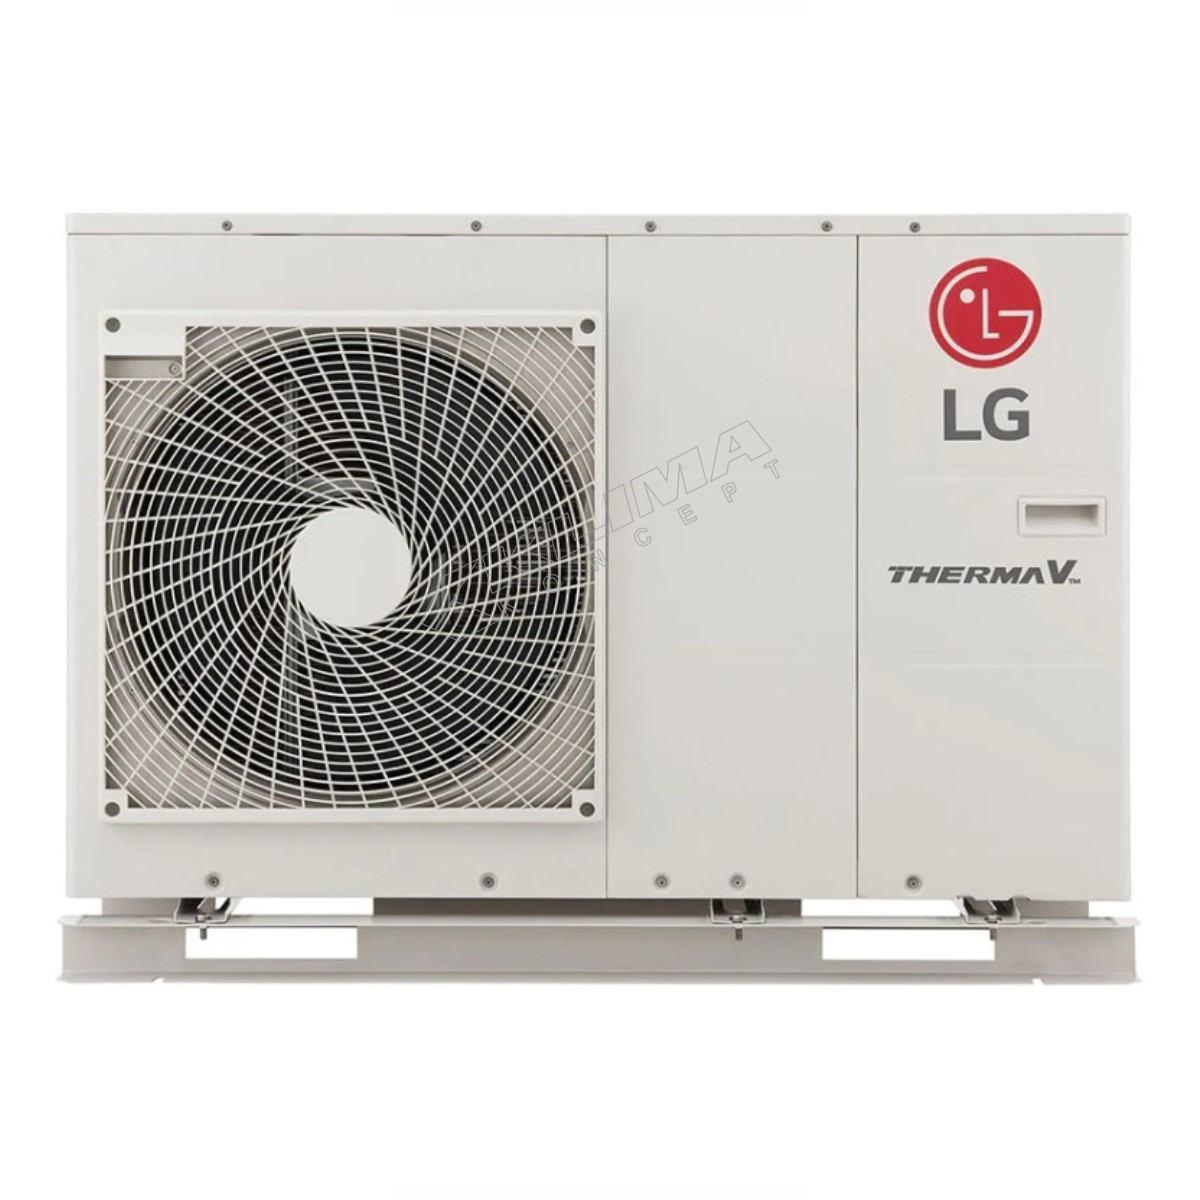 LG DIZALICA TOPLINE HM071M.U43 R-32